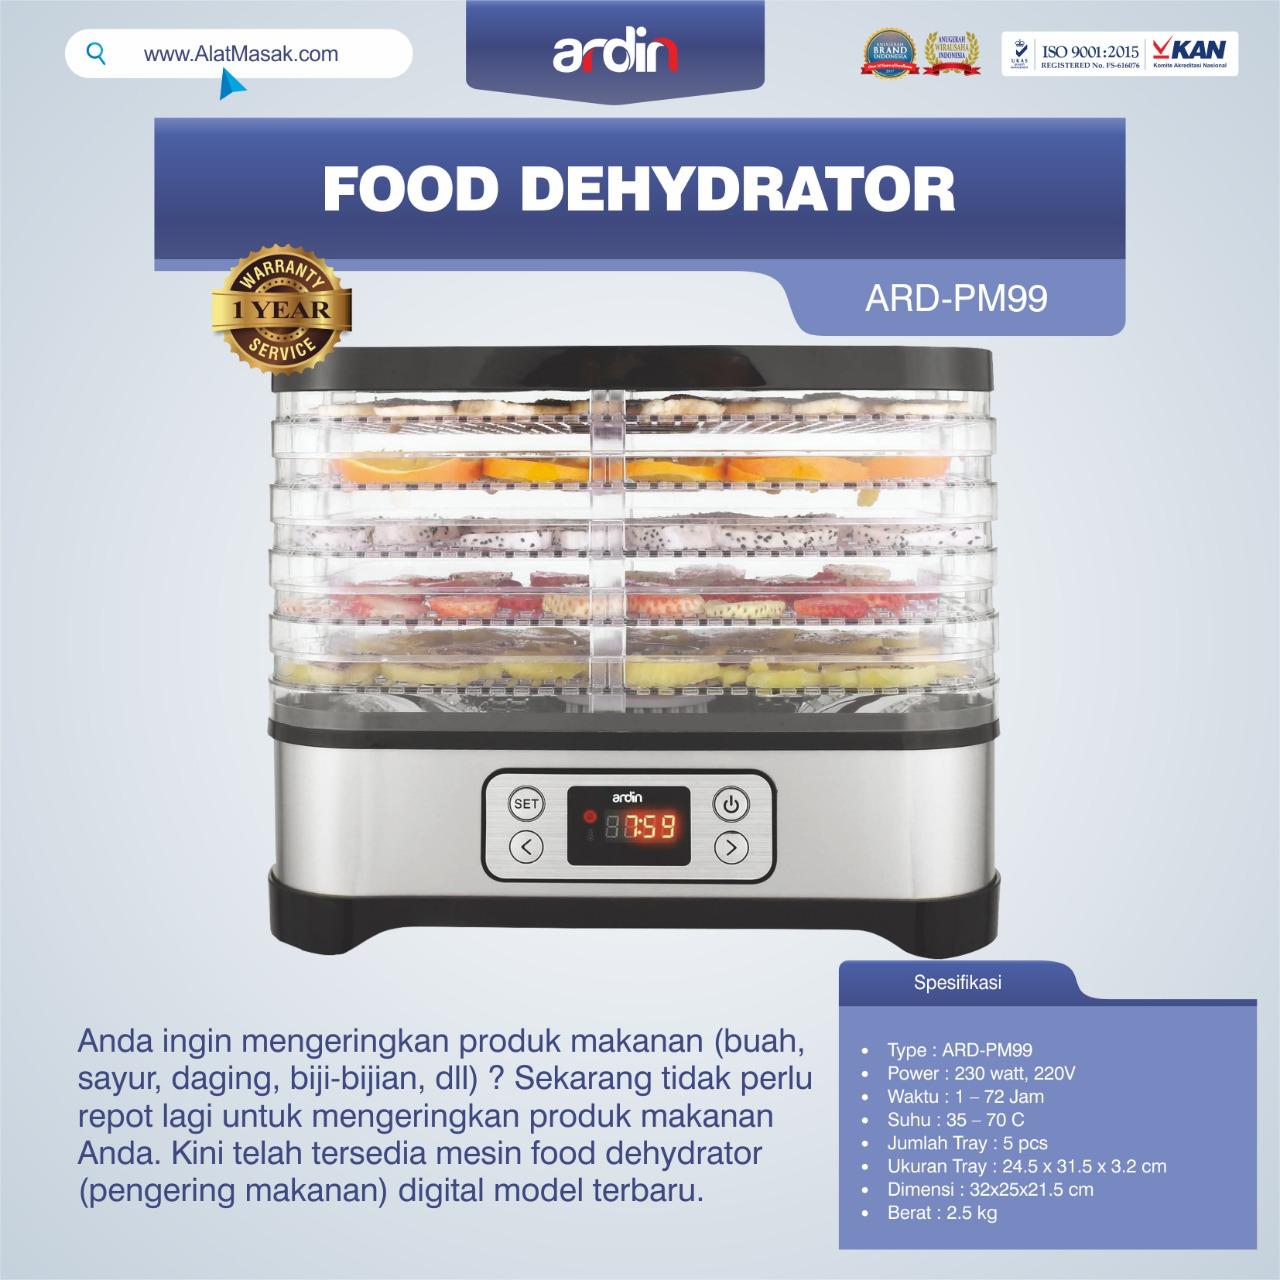 Jual Food Dehydrator ARD-PM99 di Bogor